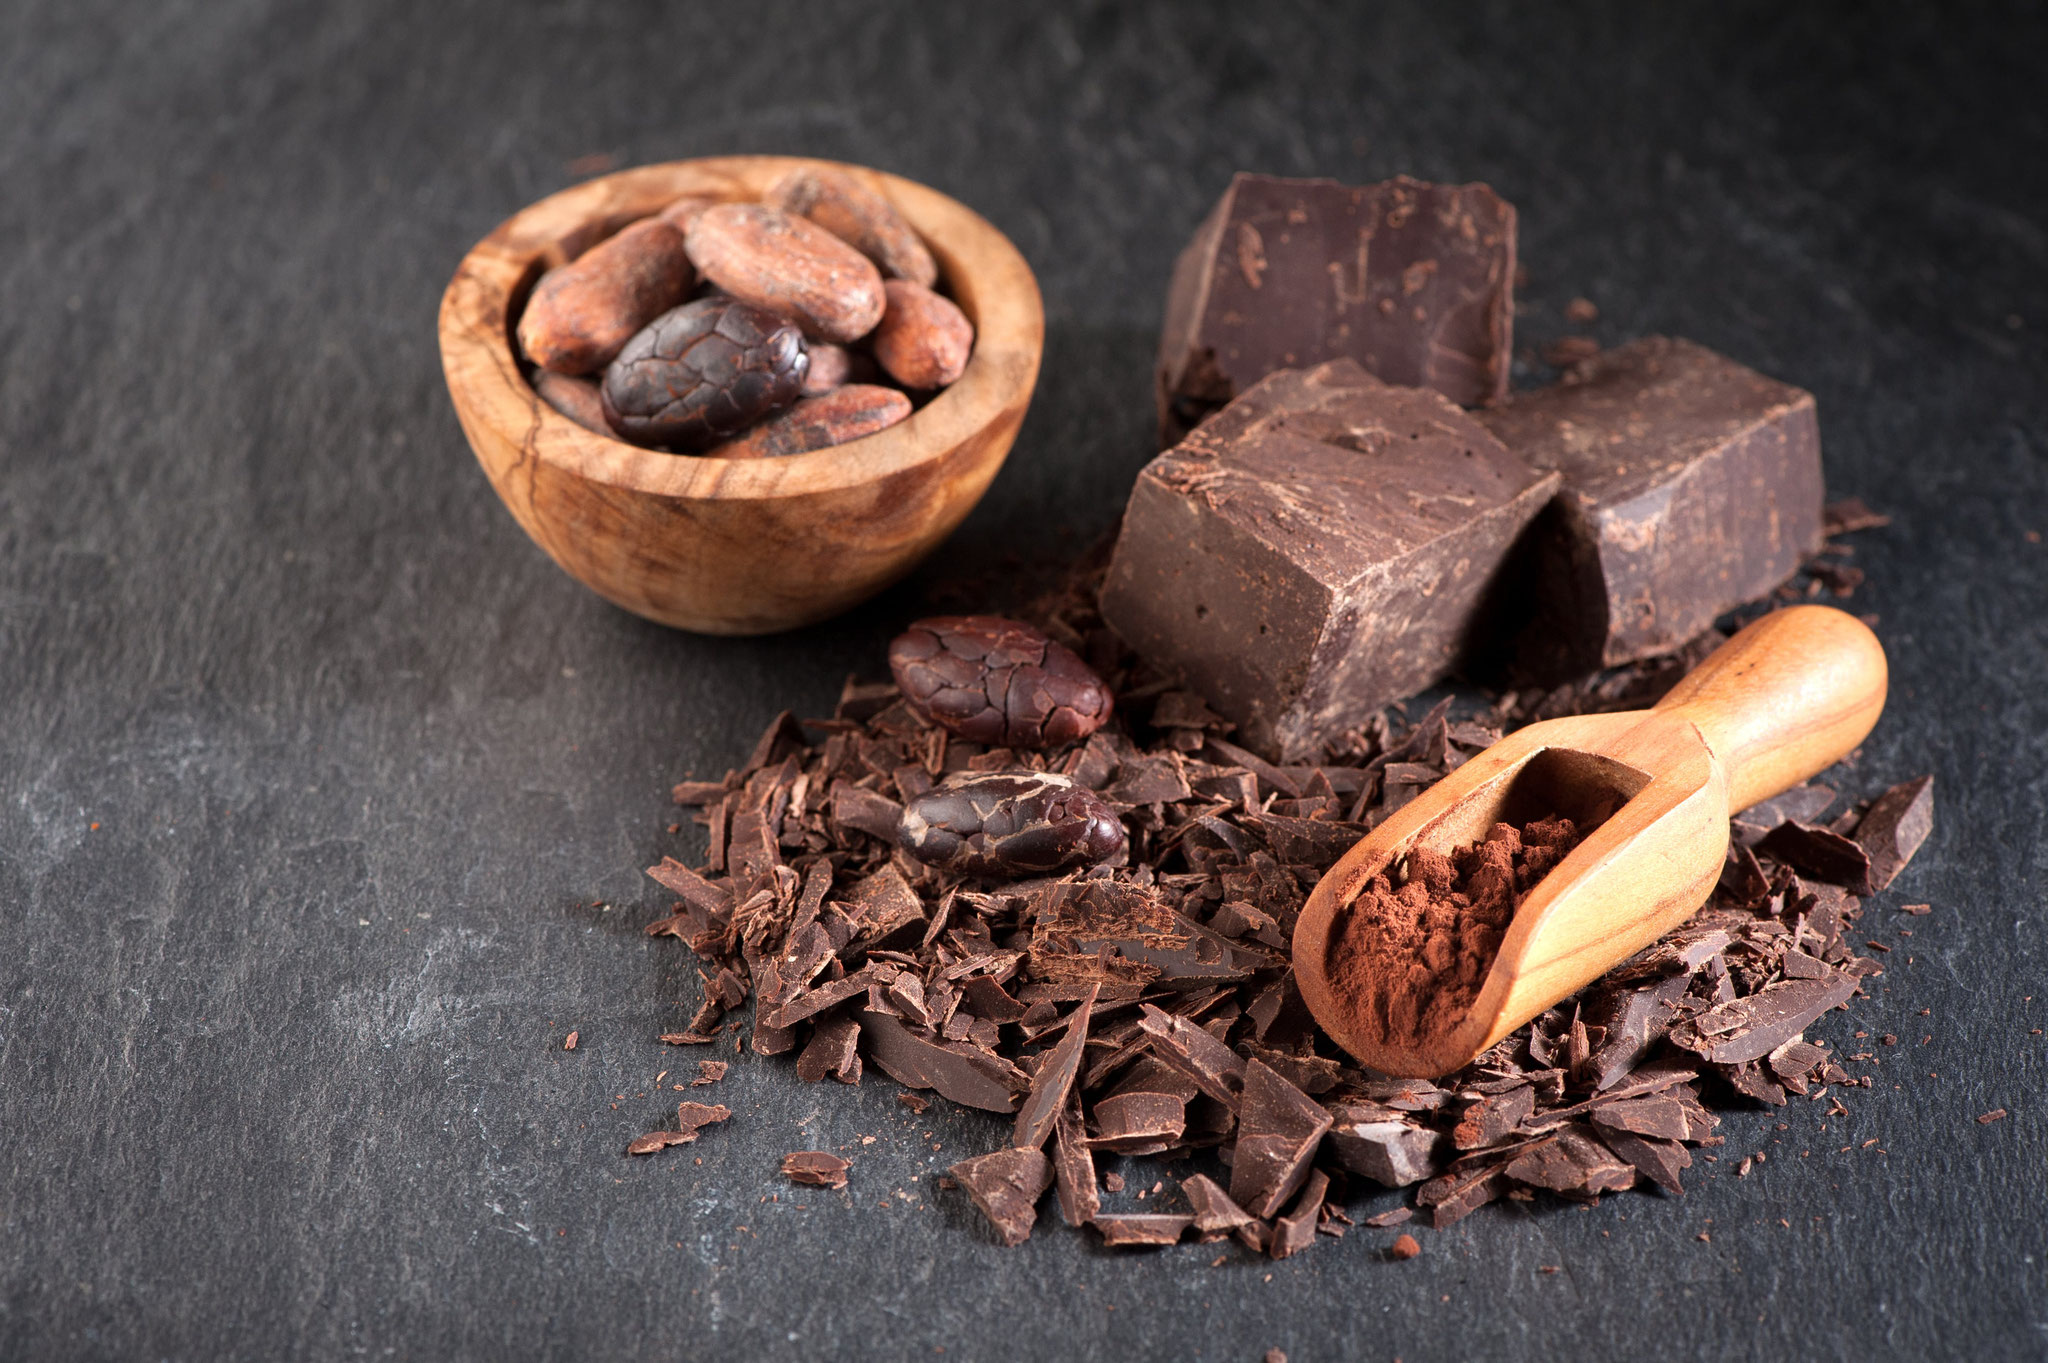 La graine de fruit du cacaoyer est transformée par broyage et torréfaction en une pâte qui donne le chocolat